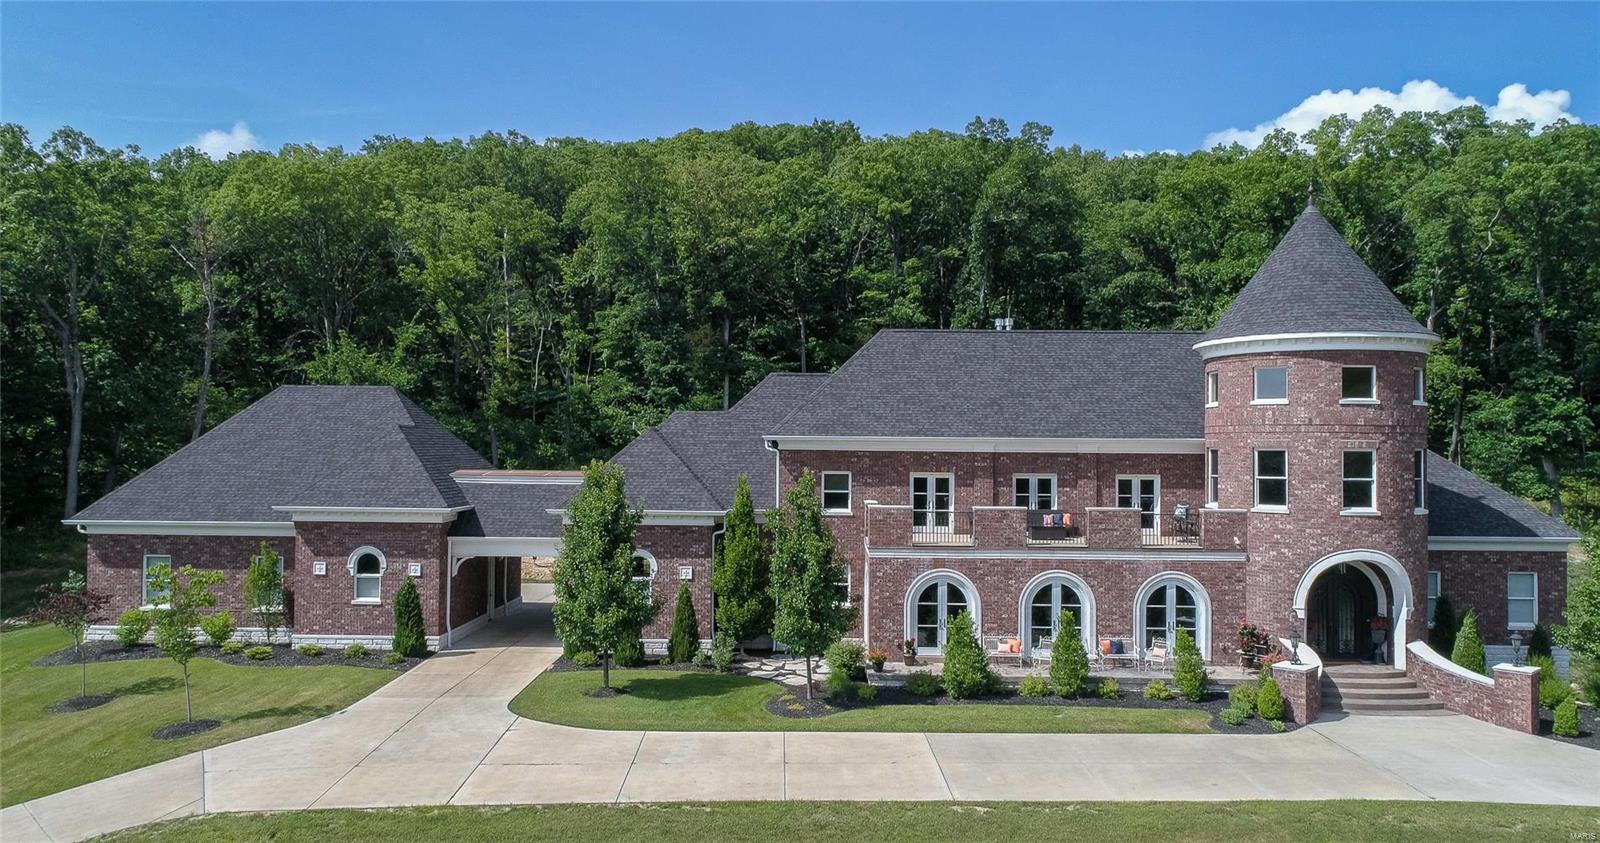 Residential for sale – 18930  Deer Creek   Wildwood, MO